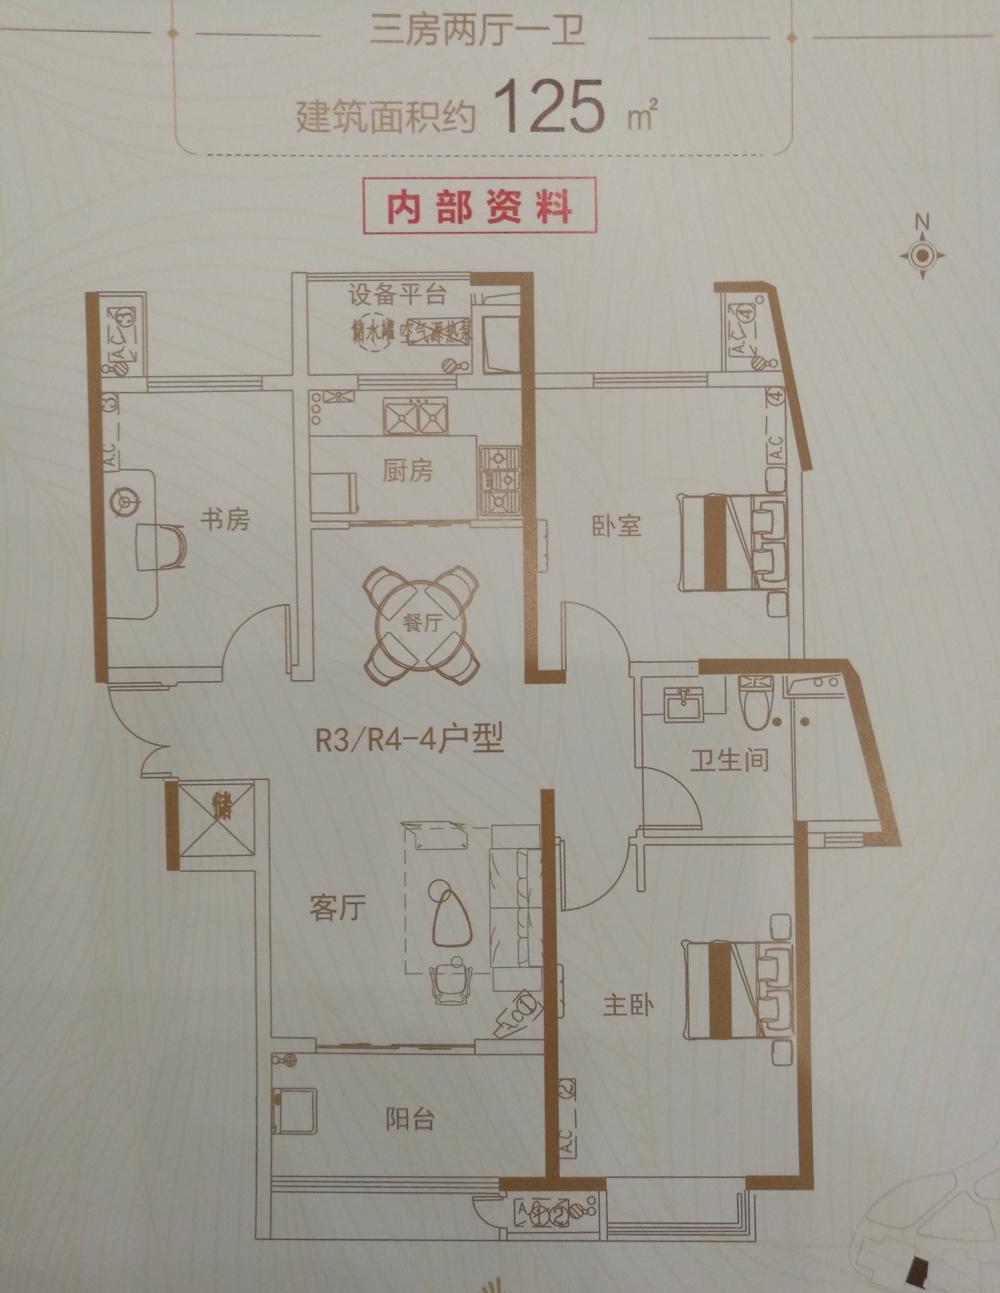 坝上街环球中心R3#、R4#楼125㎡户型